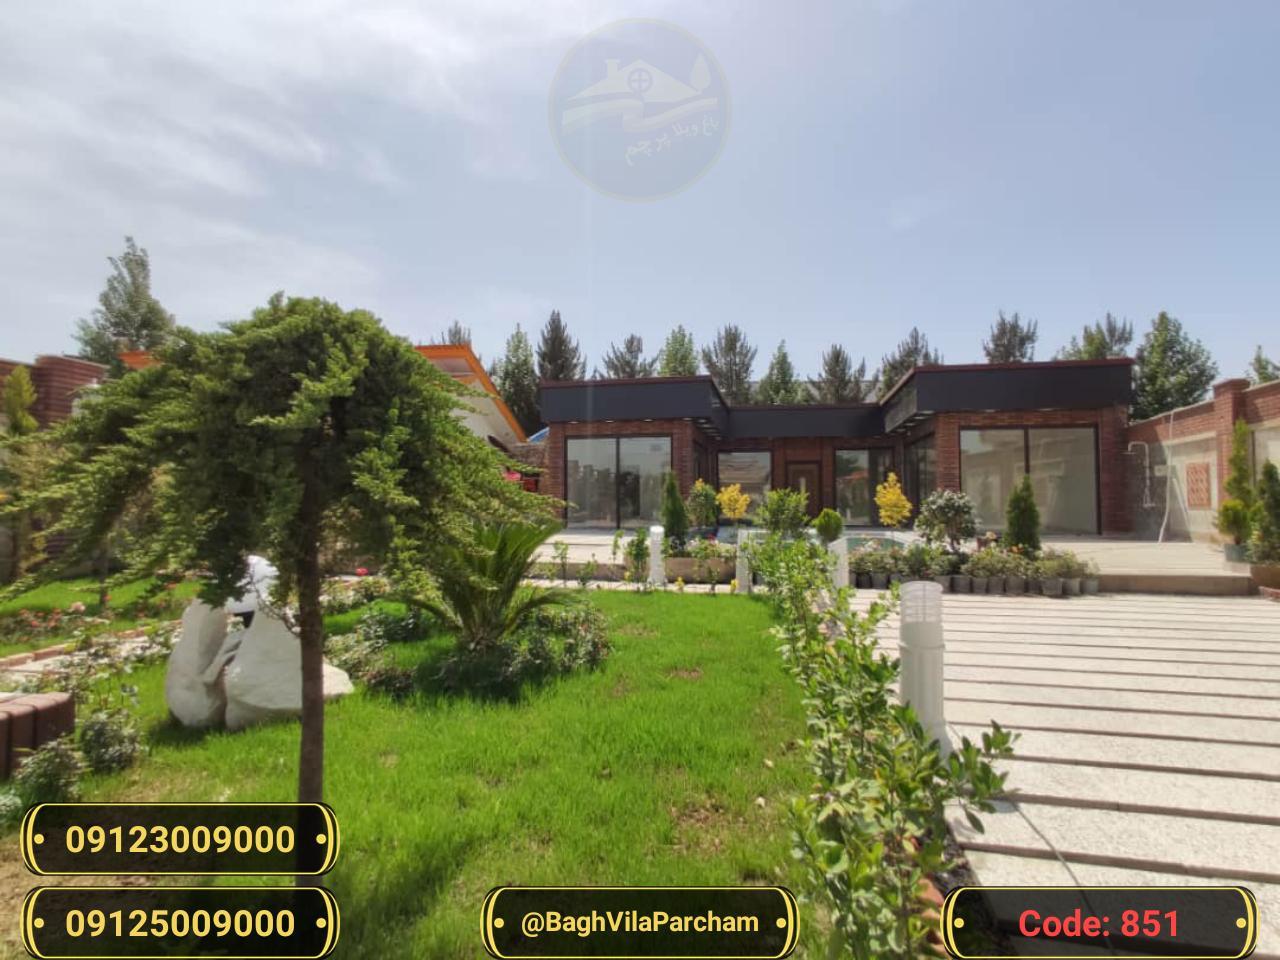 تصویر عکس باغ ویلا شماره 9 از ویلای ۵۵۰ متر ویلا مدرن Picture photo image 9 of ۵۵۰ متر ویلا مدرن